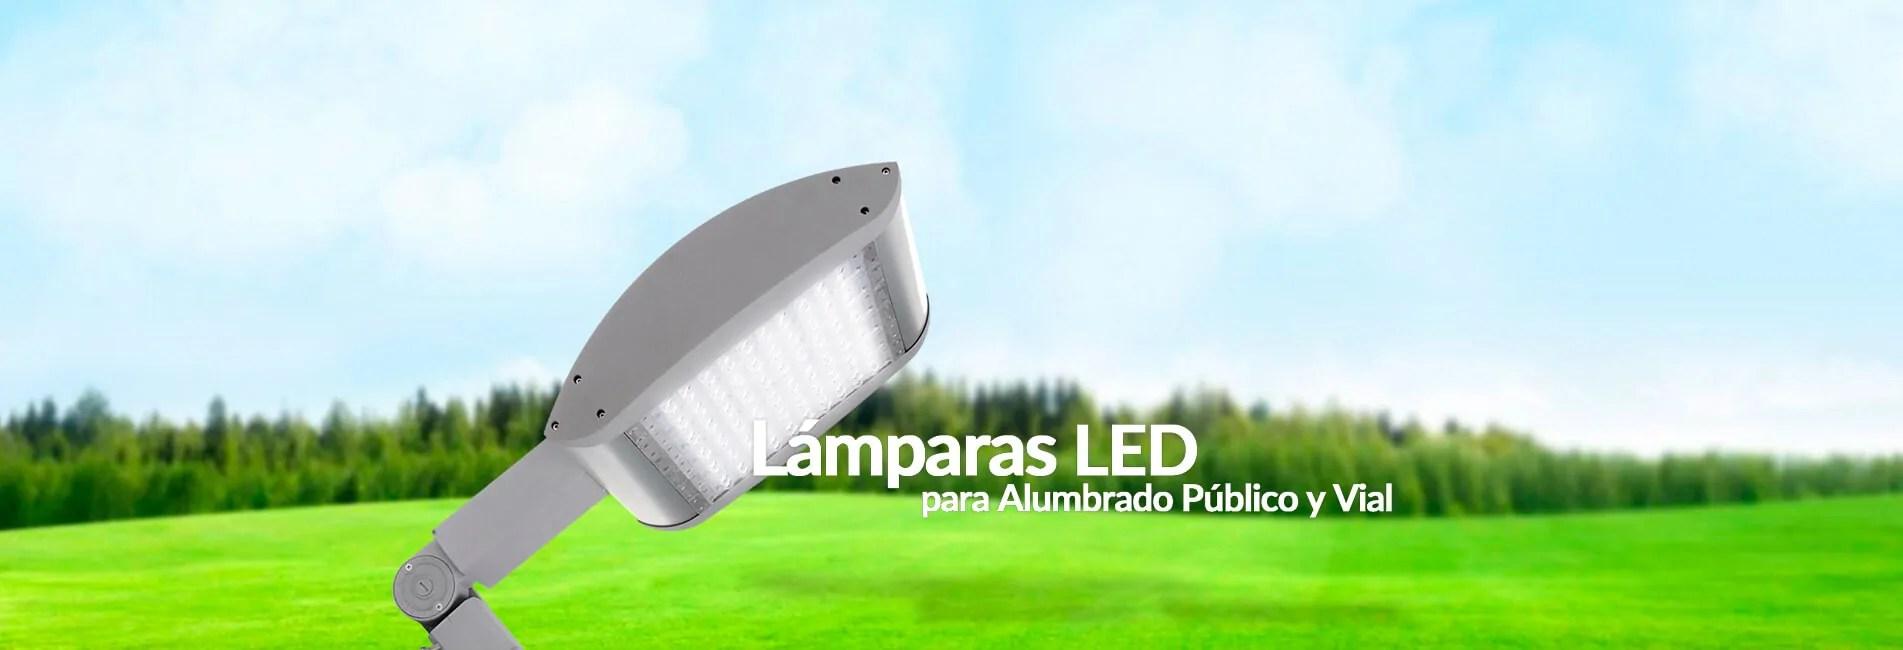 Lámparas LED para alumbrado público y vial